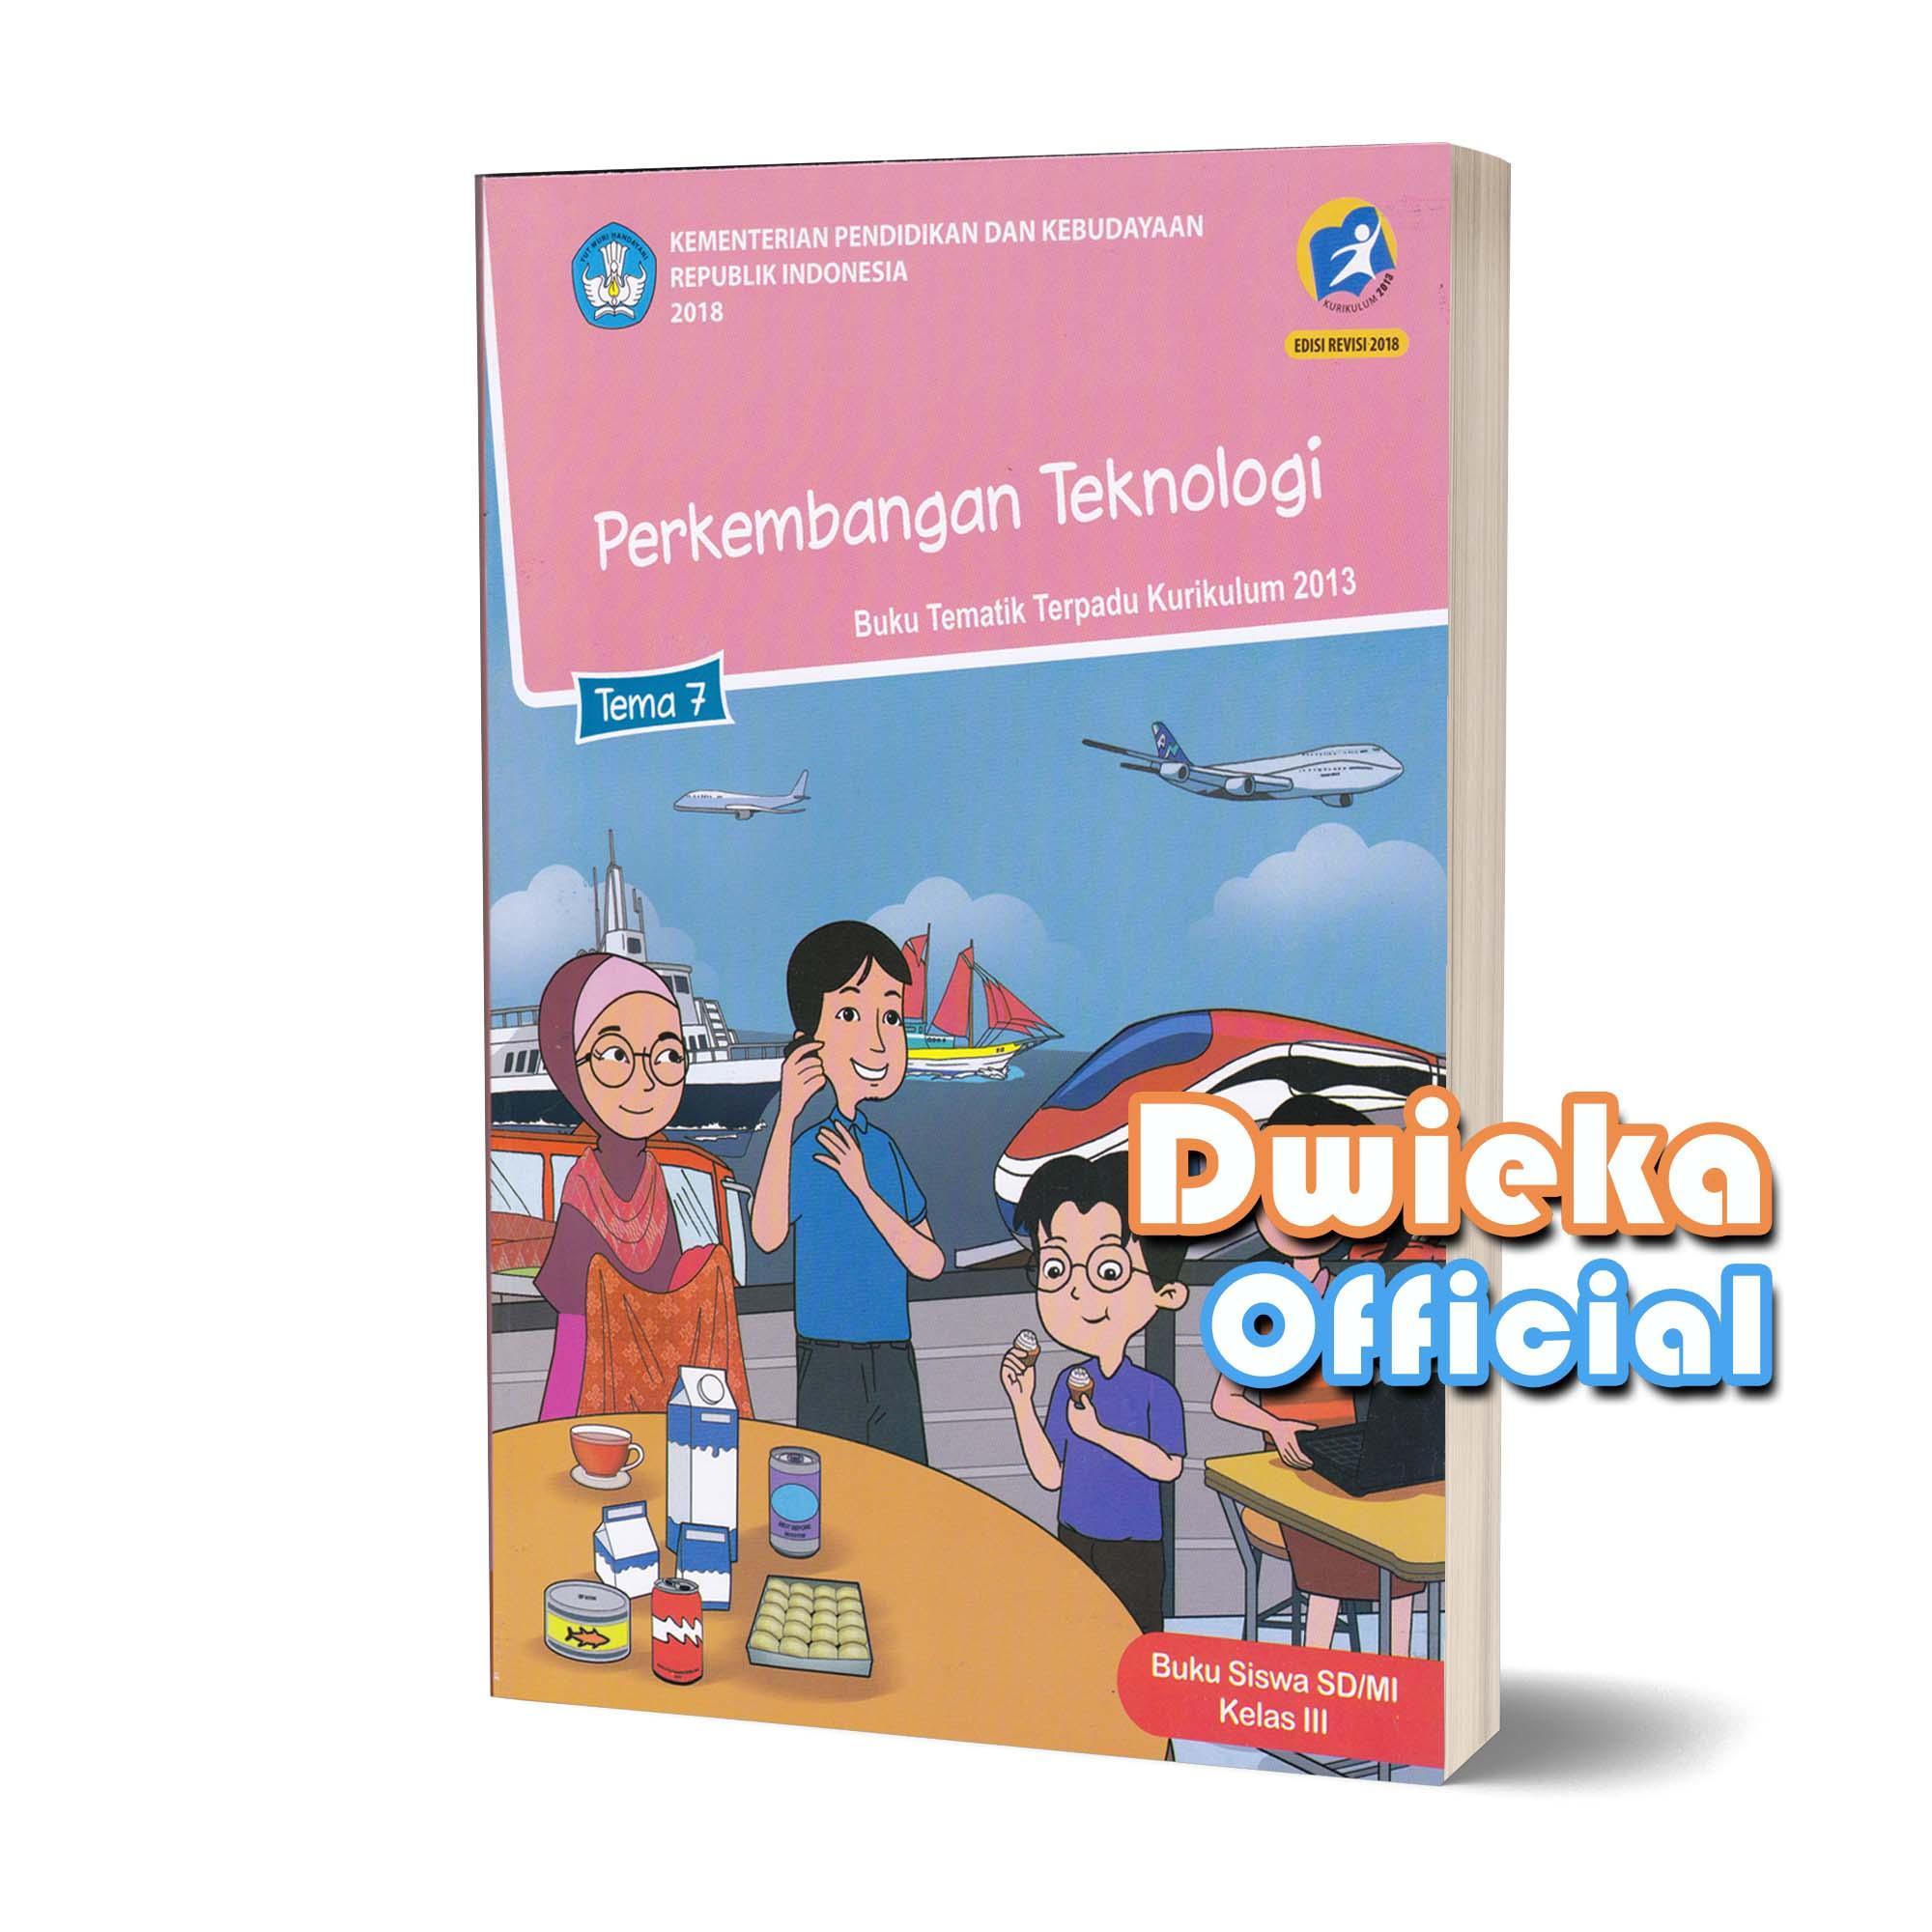 Buku Tematik Kelas 3 Tema 7  Perkembangan Teknologi  Kurikulum 2013 Edisi Revisi 2018 By Dwiekaofficial.